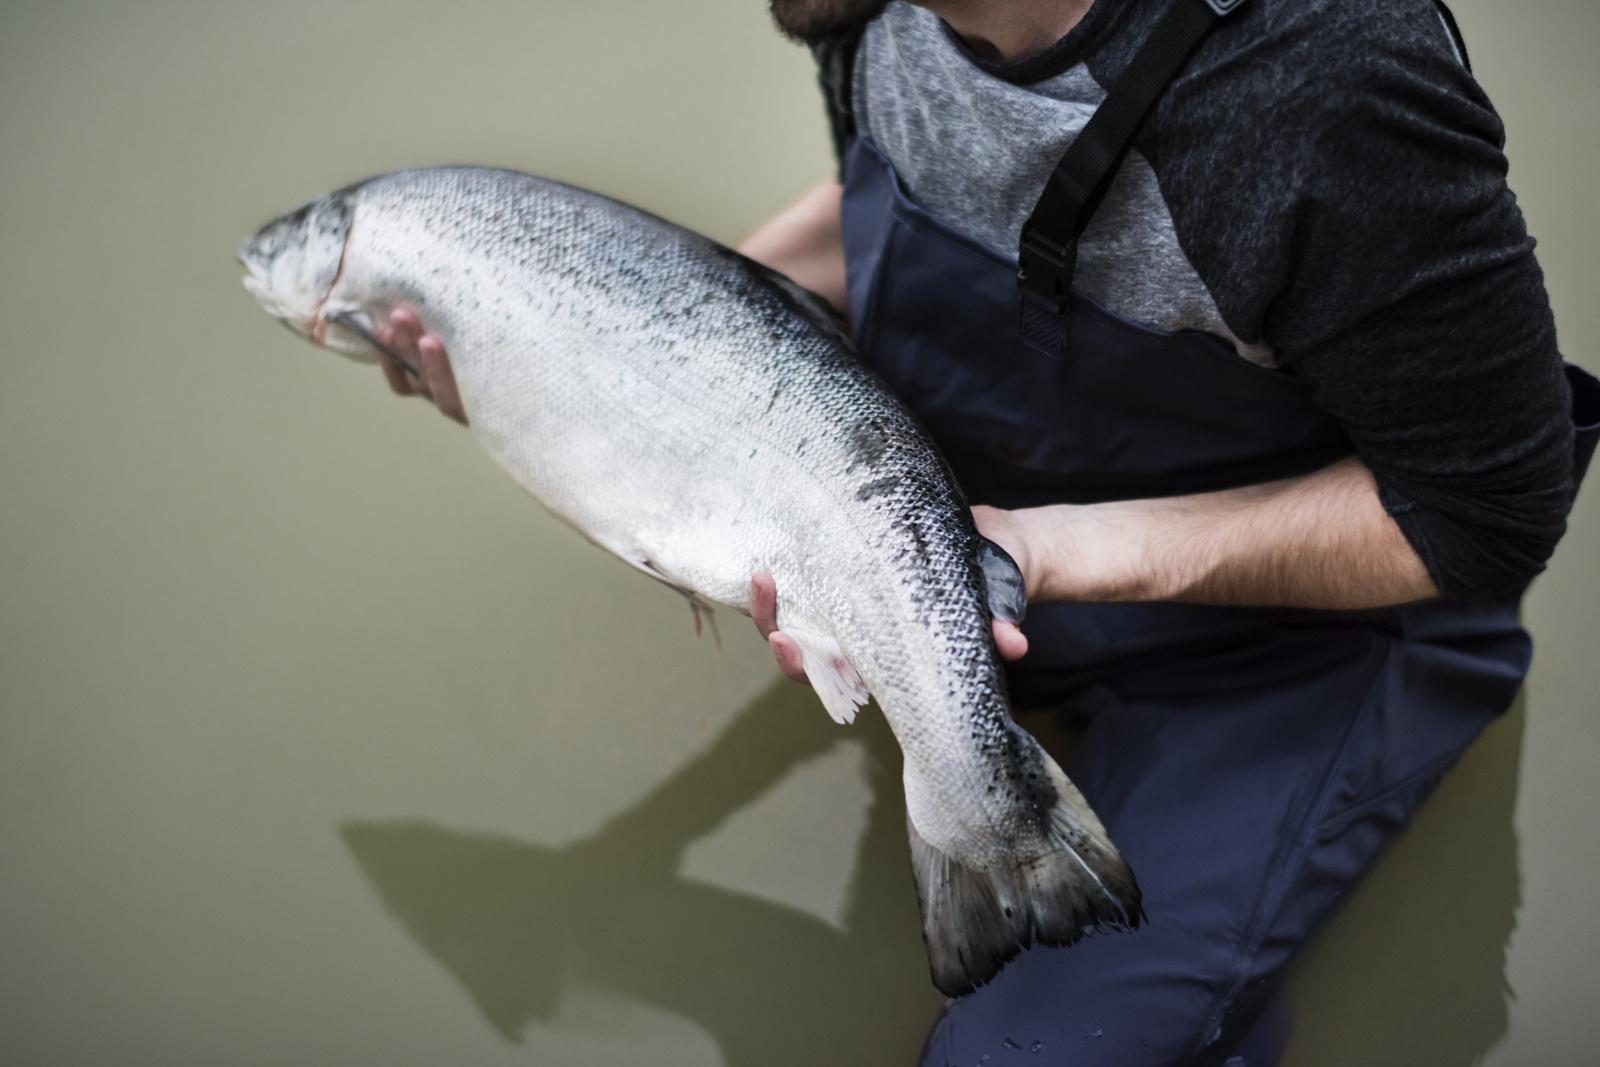 Griežtinami žvejybos reikalavimai lašišinėms žuvims geriau apsaugoti